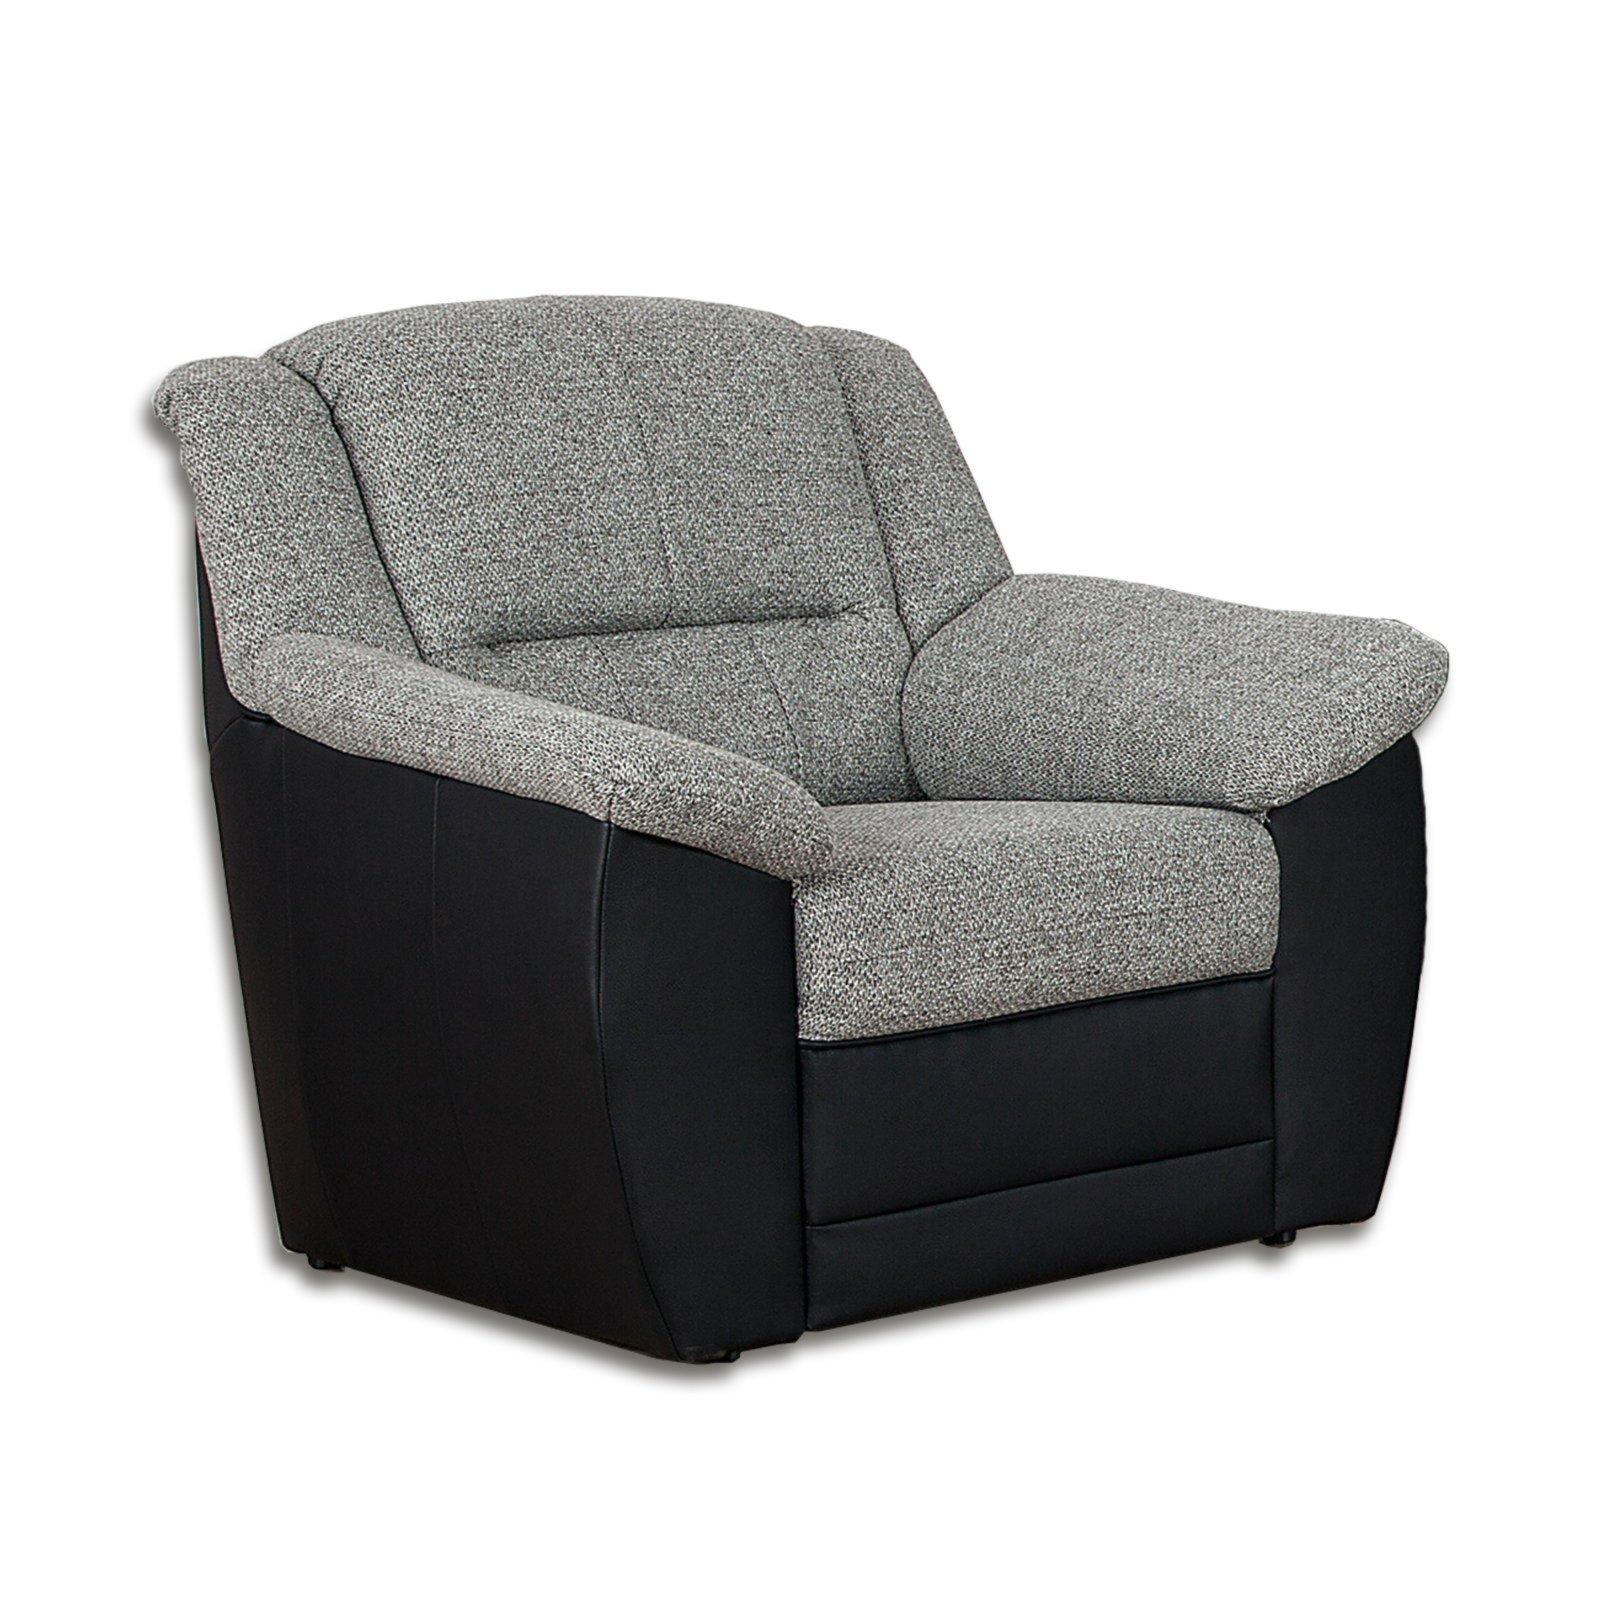 roller sessel grau schwarz kunstleder. Black Bedroom Furniture Sets. Home Design Ideas